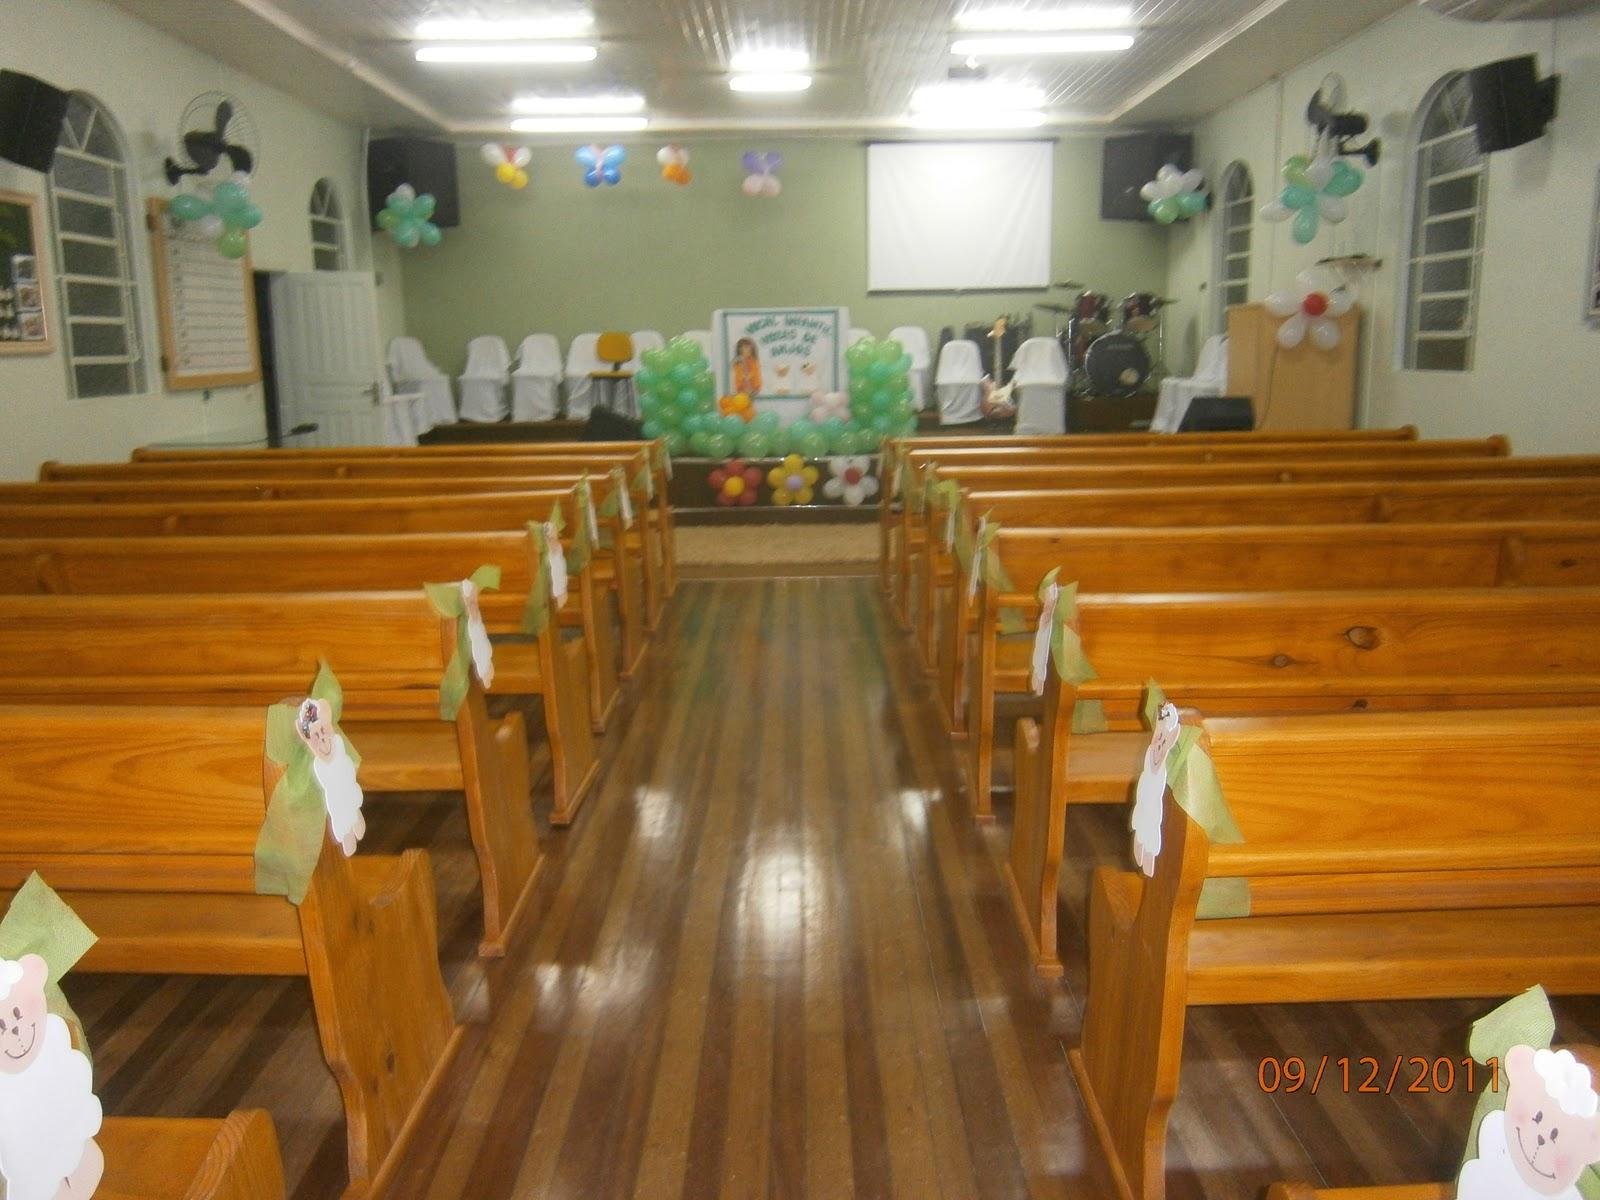 banco de jardim infantil : banco de jardim infantil:Geração de Adoradores: Fotos da Festa do Vocal Infantil do Jardim